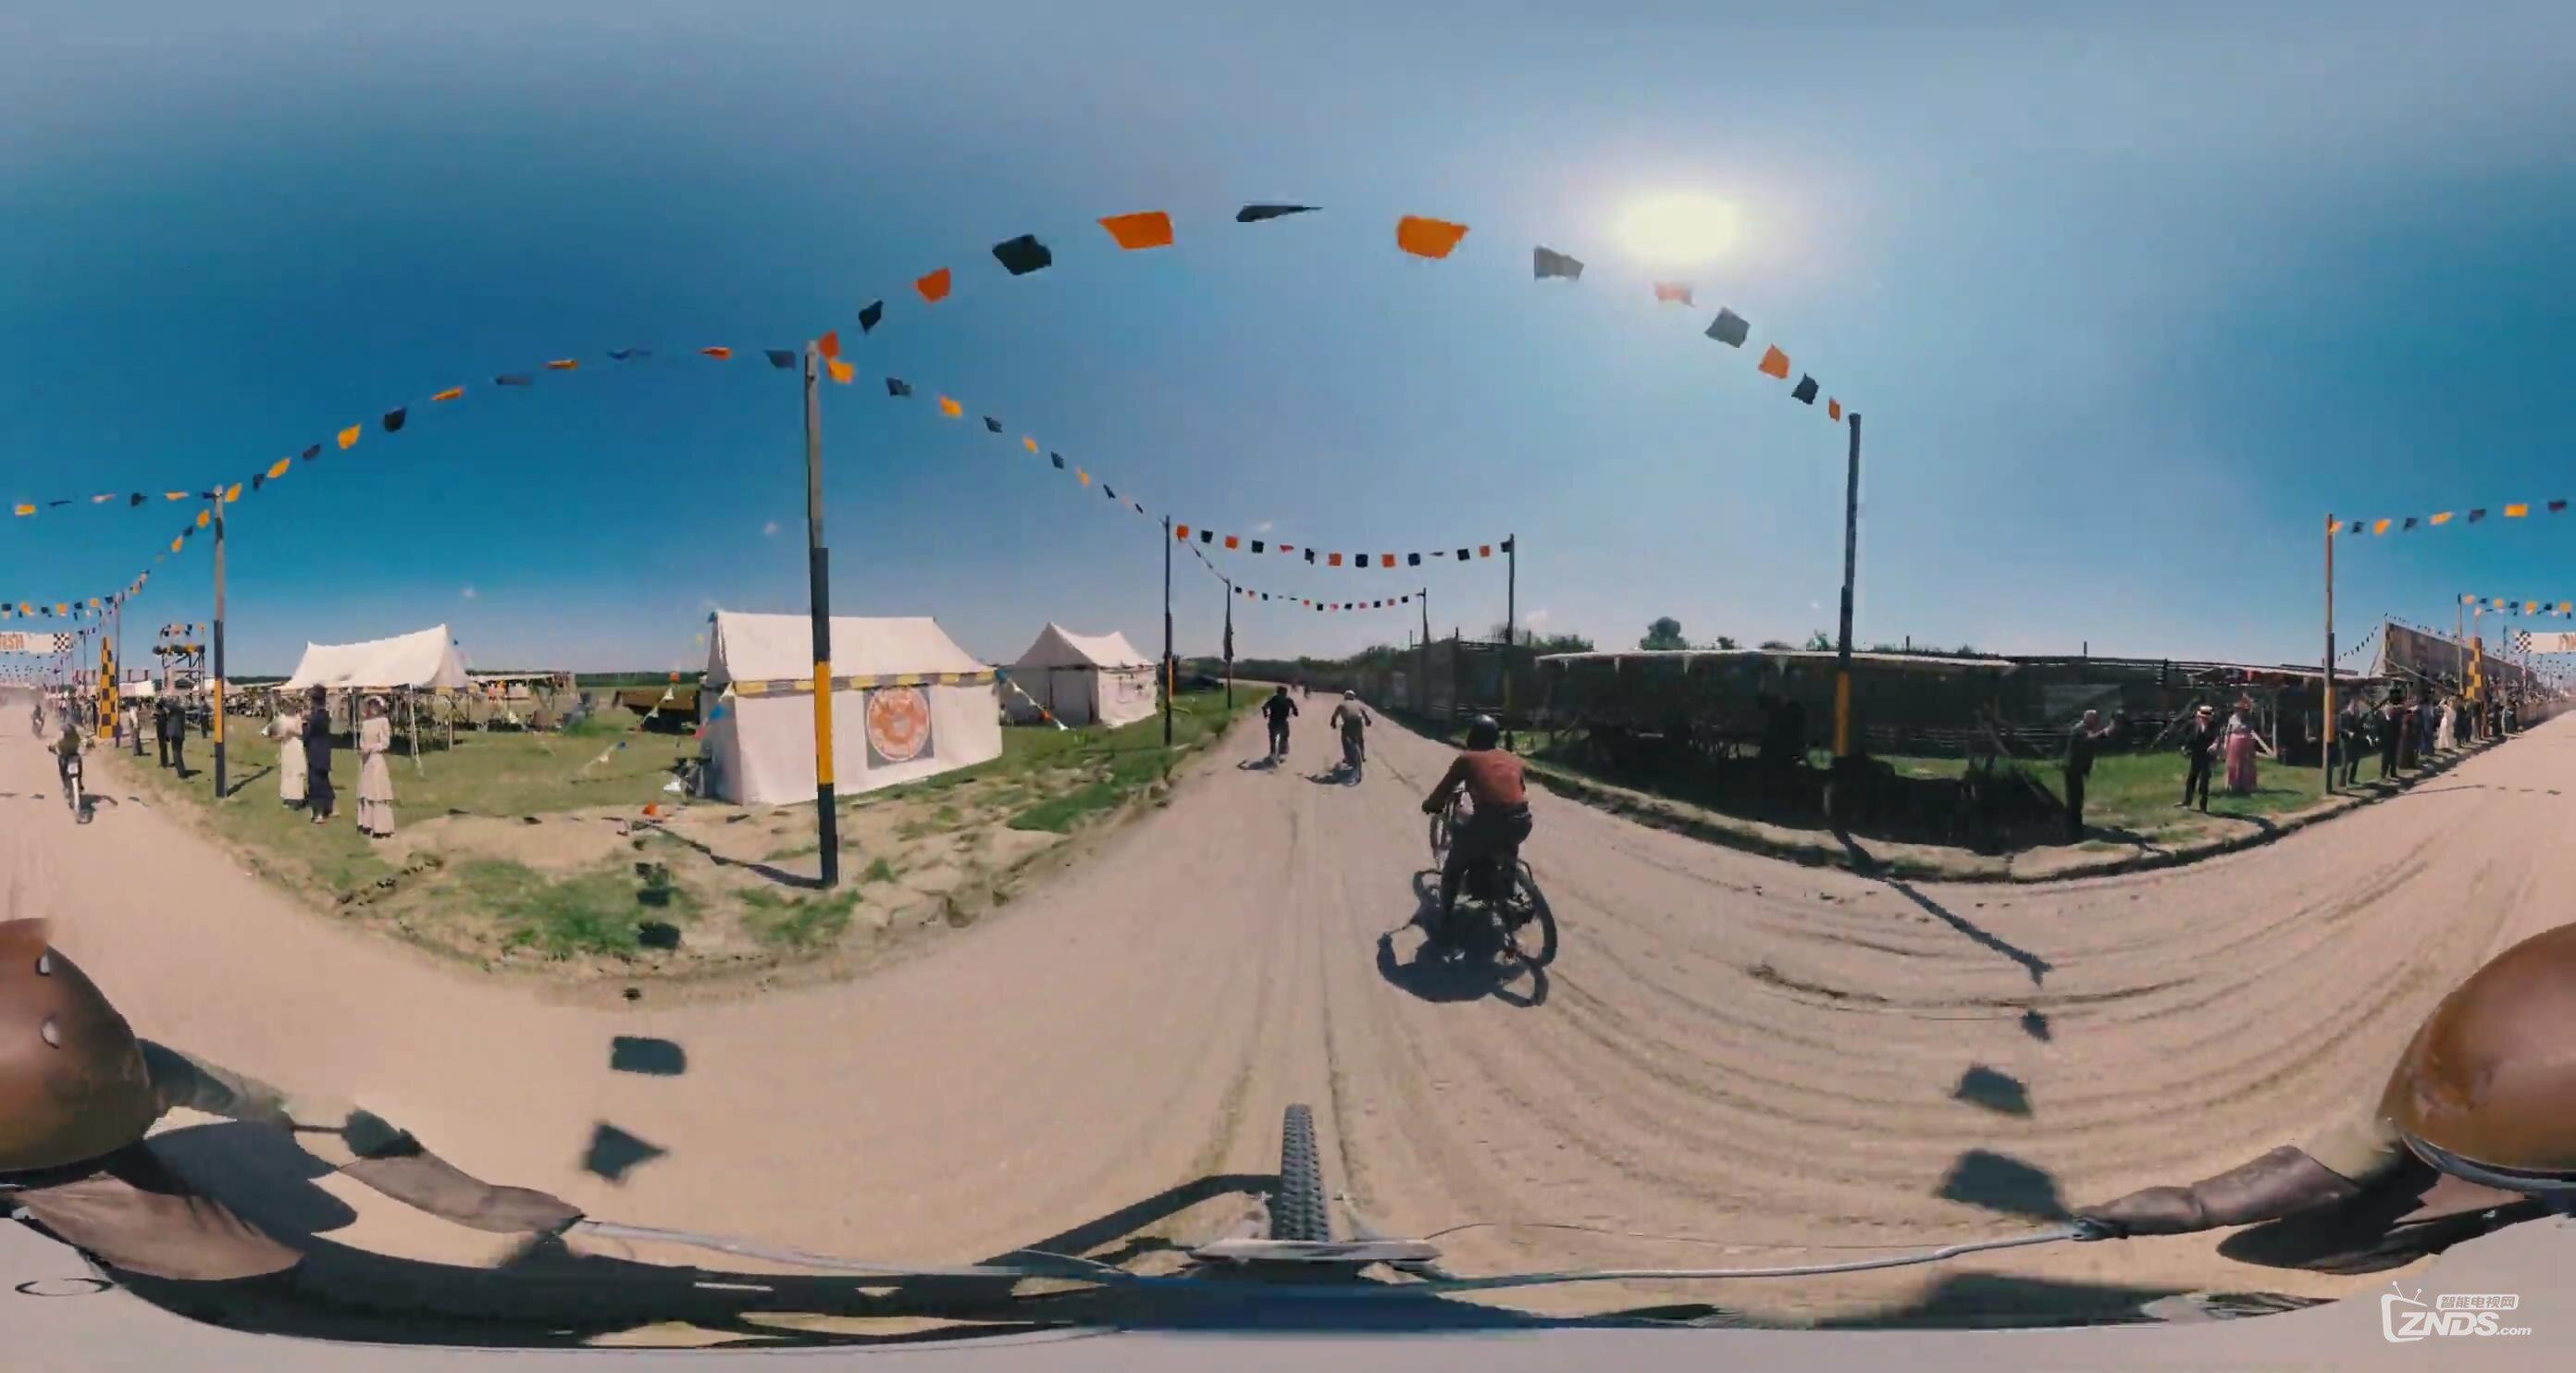 【360度VR全景视频】道奇v视频摩托车视频锦瘦脸妆容城市图片